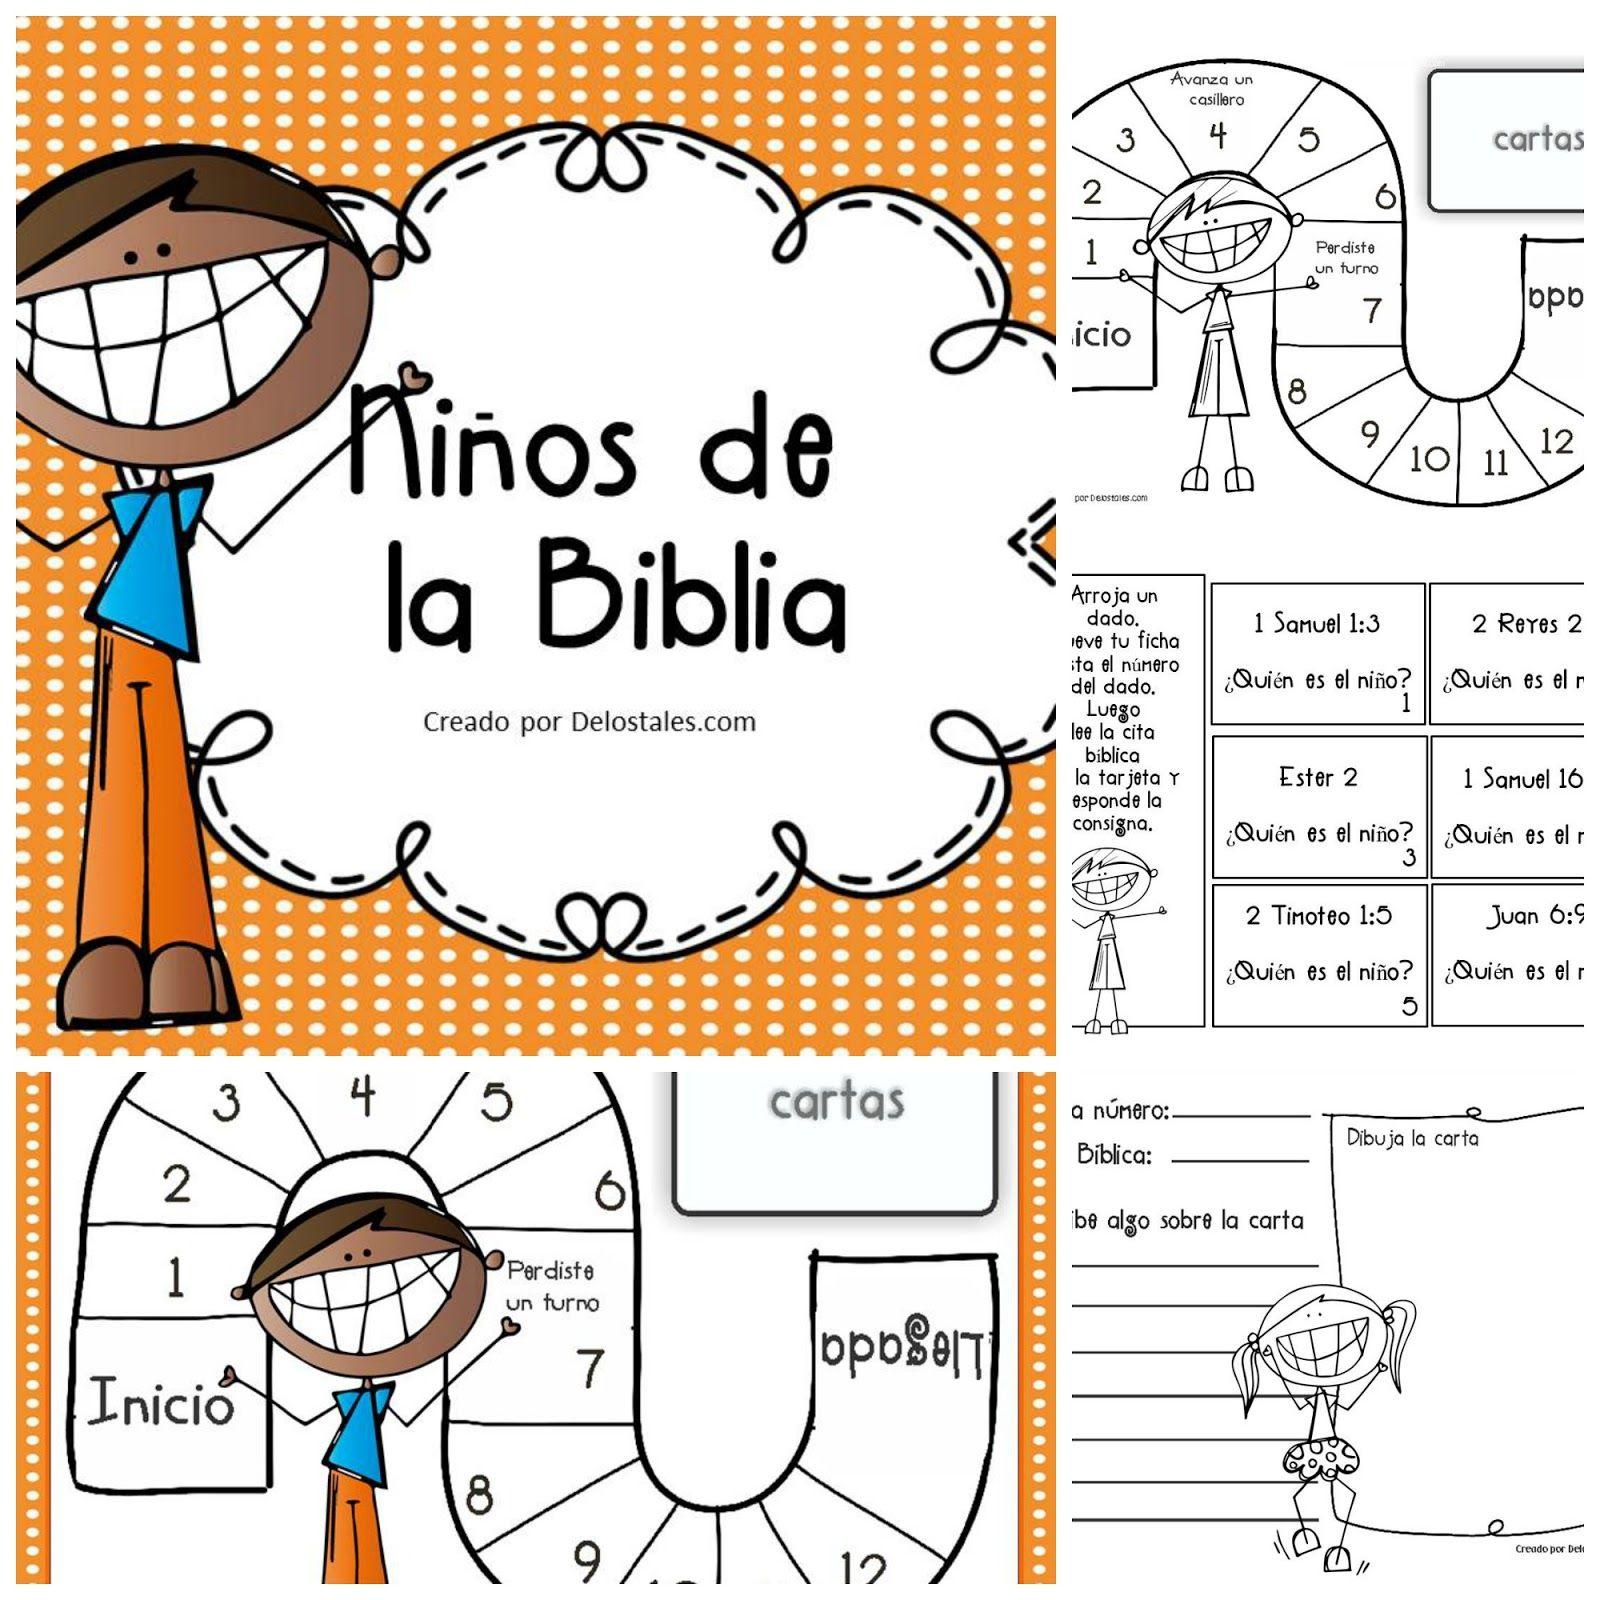 De Los Tales Niños De La Biblia Manualidades De La Biblia Para Niños Salmos Para Niños Lecciones Para Niños Cristianos